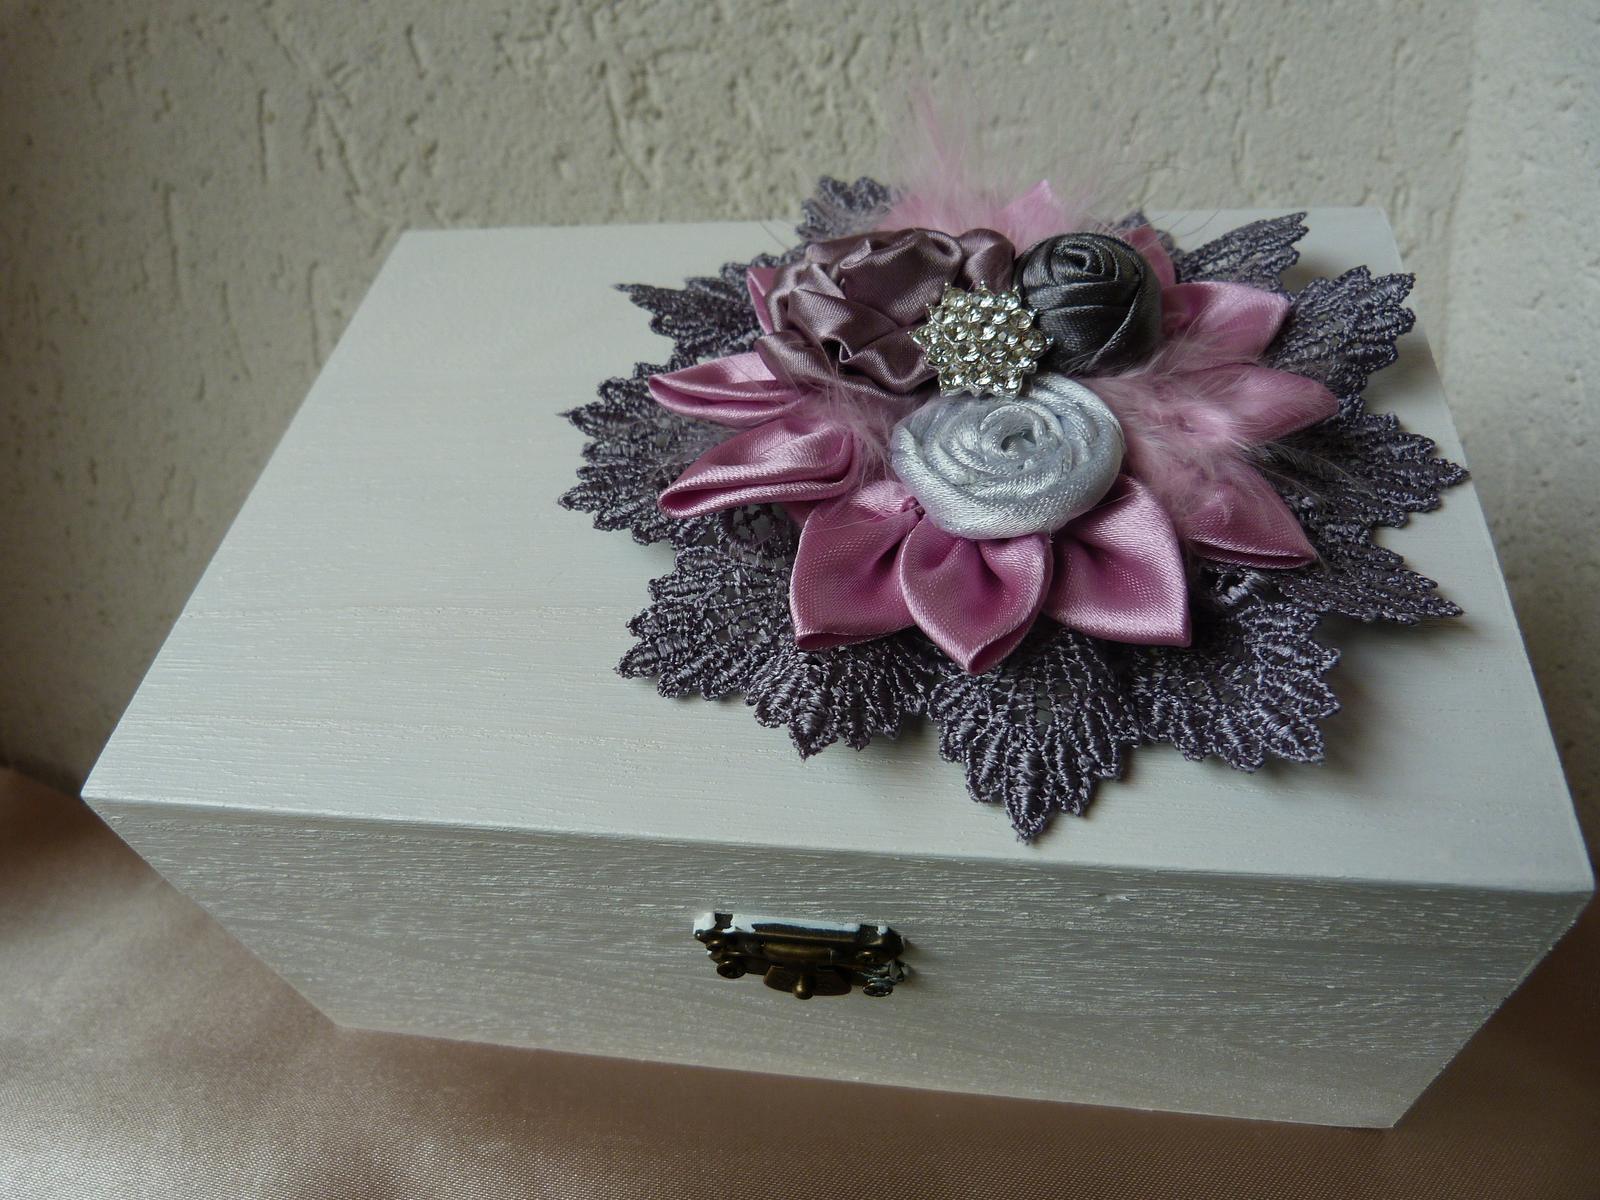 Šperkovničky na poklady :-) - Obrázok č. 1